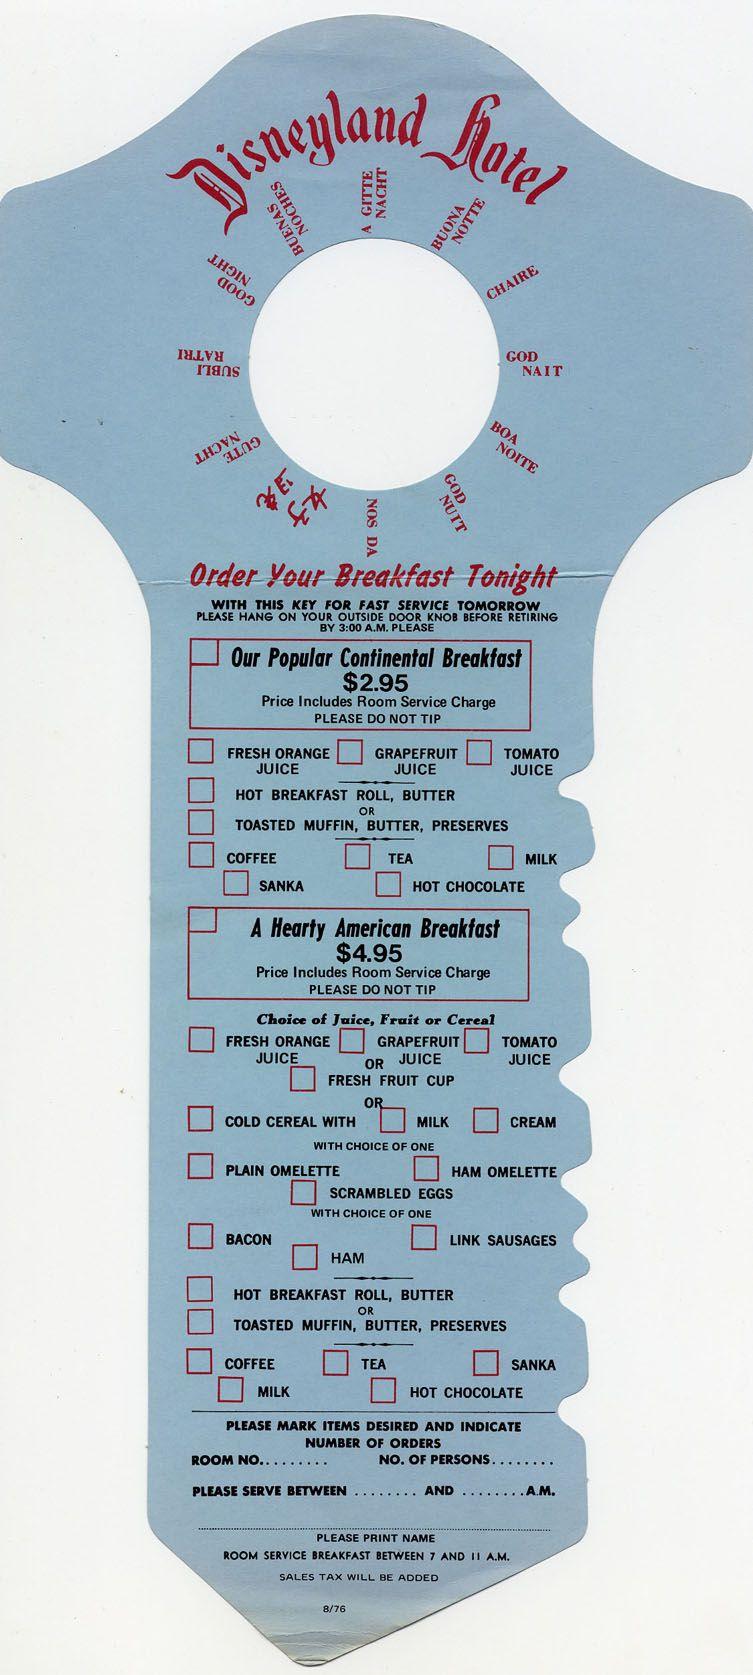 Disneyland hotel door hanger breakfast menu 1976